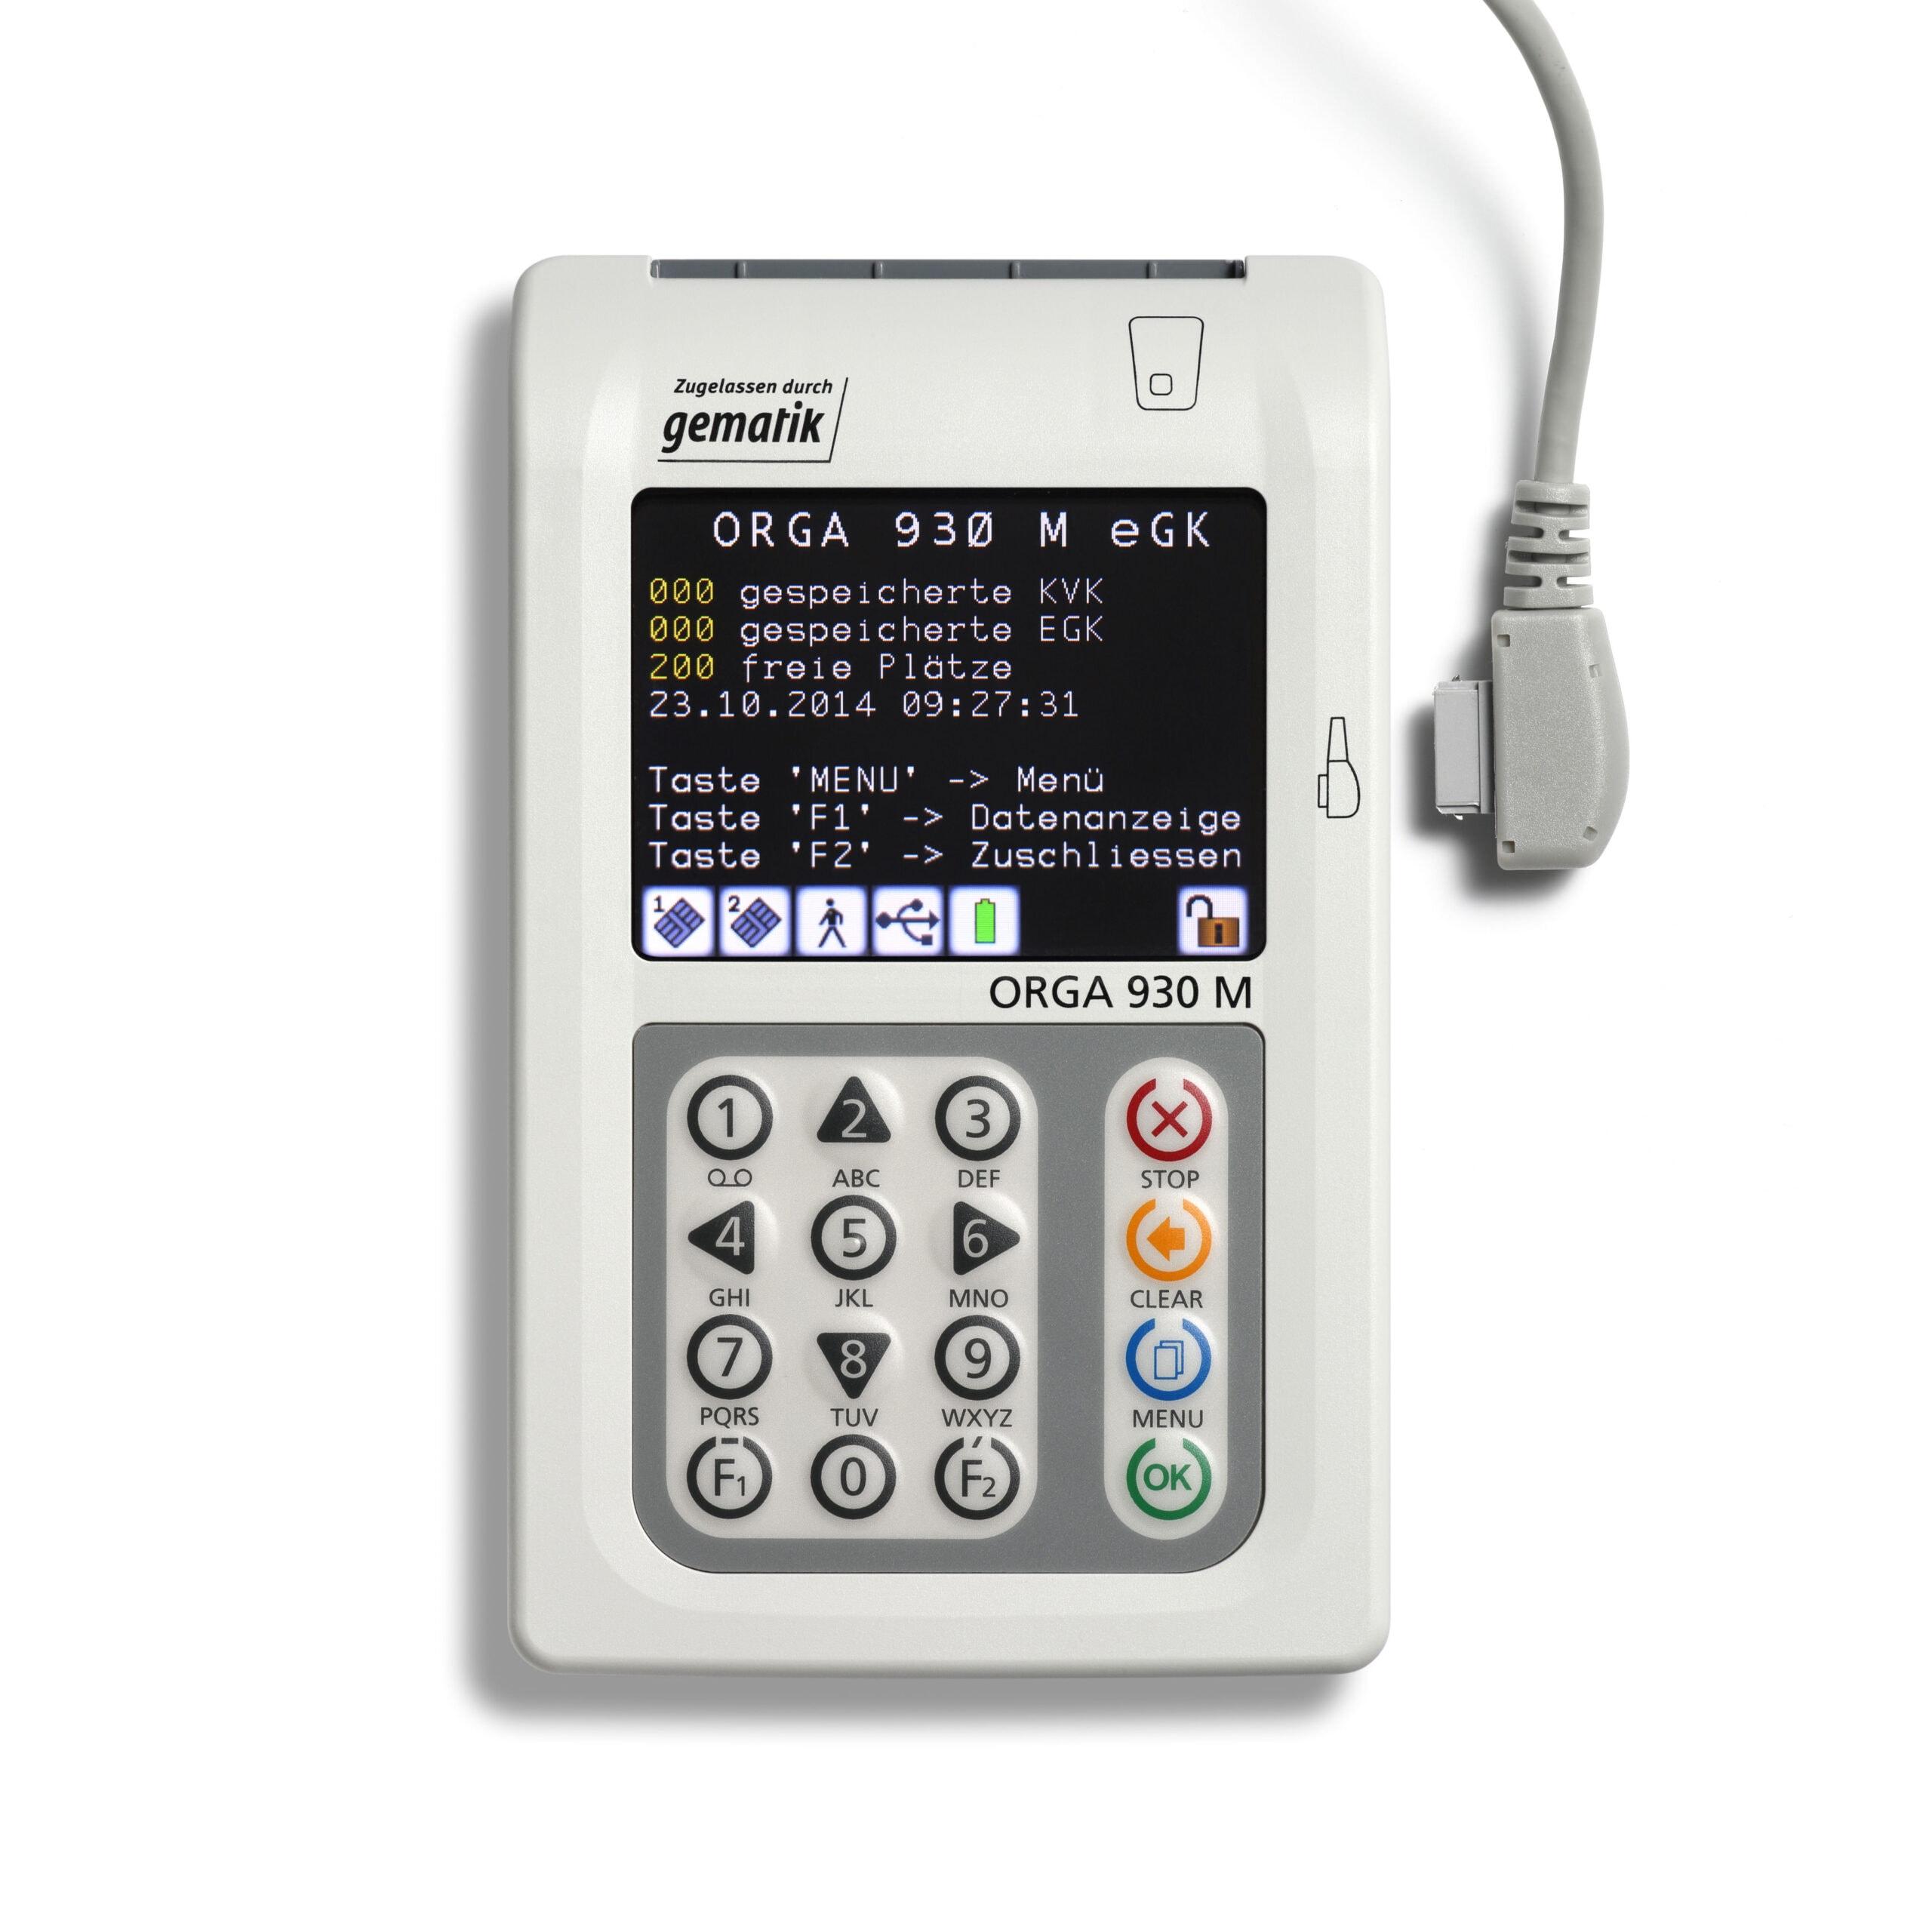 ORGA 930 M mit USB Kabel